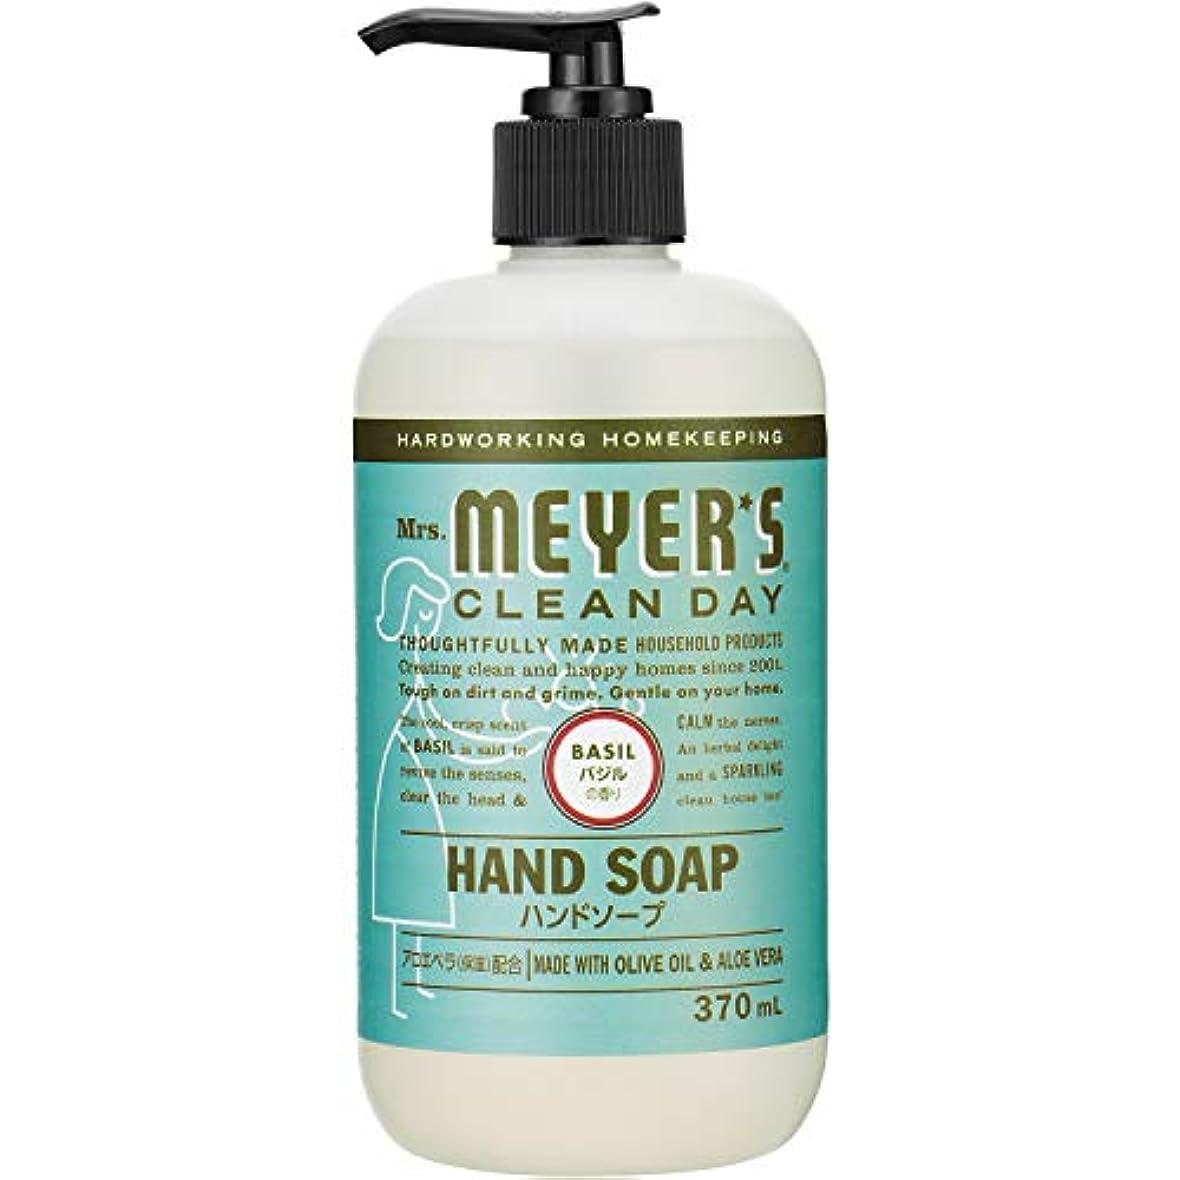 比較的おばさん予定ミセスマイヤーズ クリーンデイ(Mrs.Meyers Clean Day) ハンドソープ バジルの香り 370ml